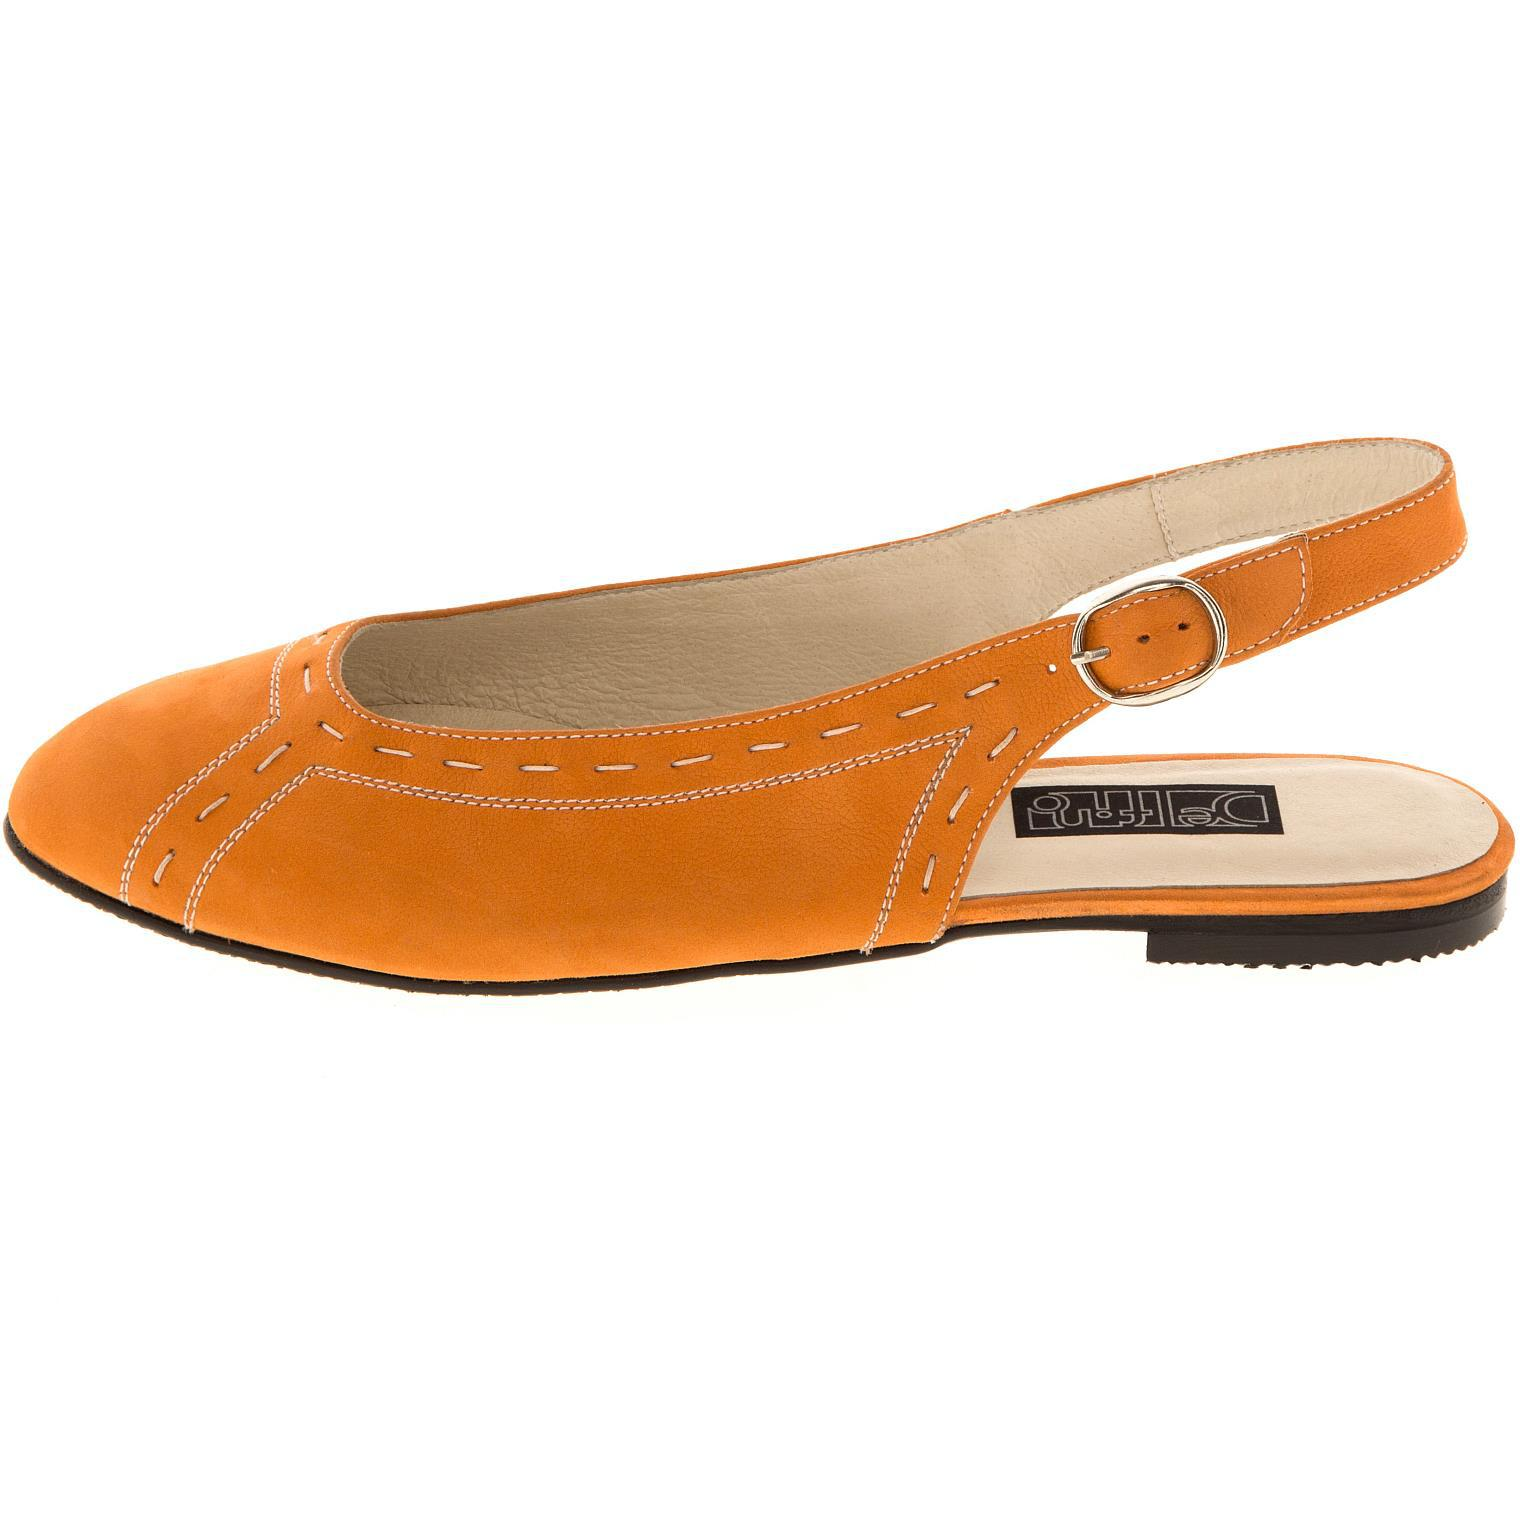 629199 Туфли летние женские оранж больших размеров марки Делфино